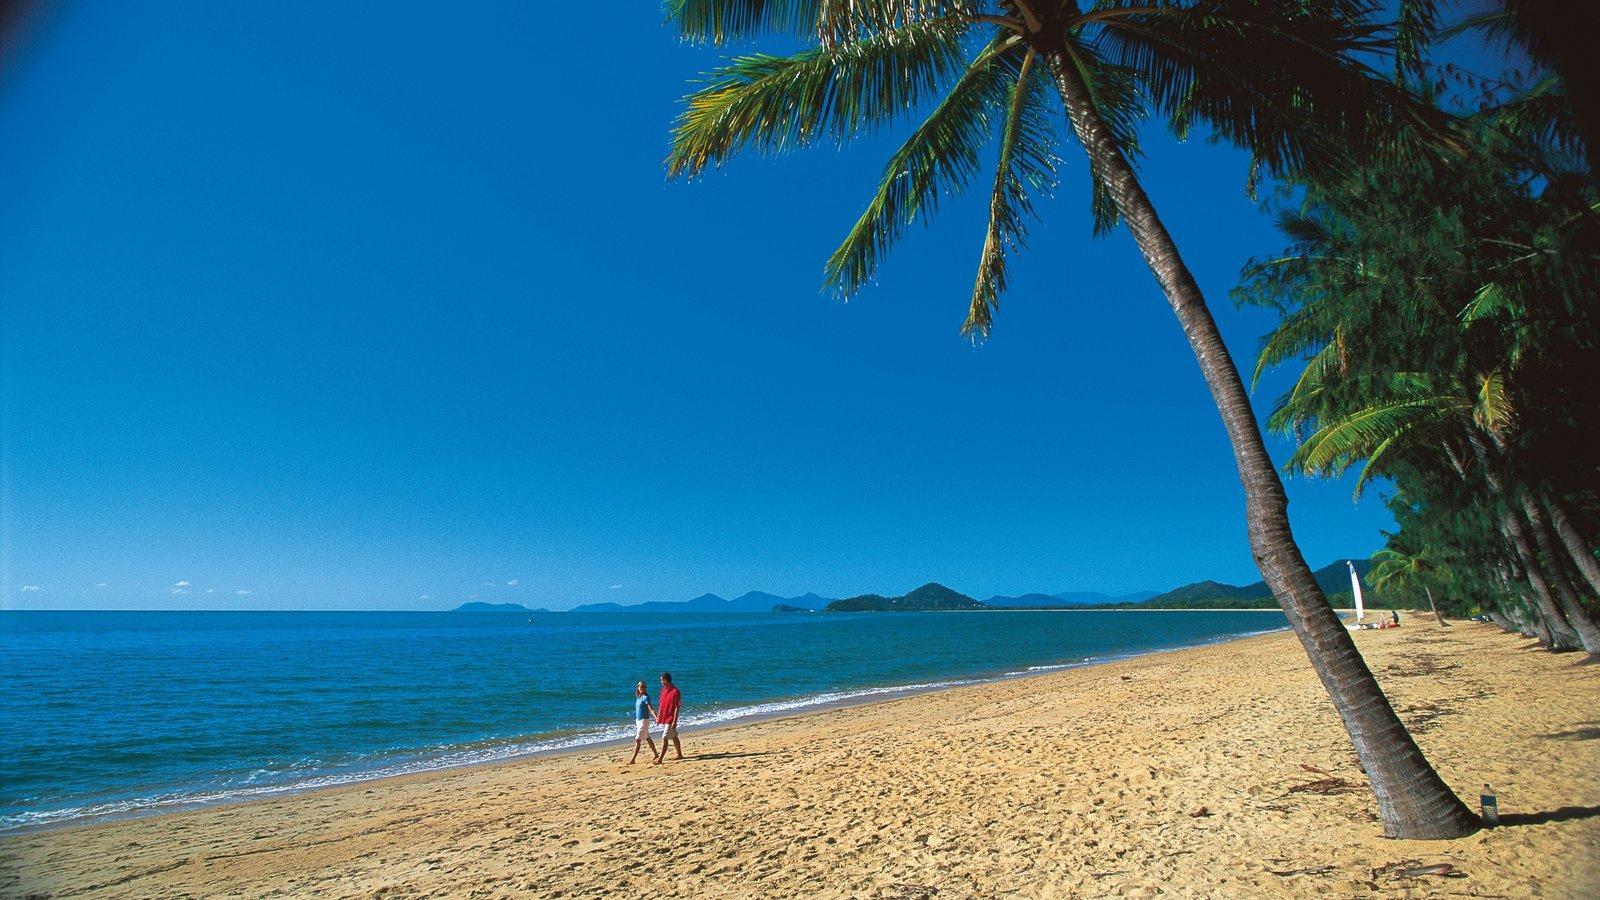 Palm Cove que incluye escenas tropicales, una playa y vistas de paisajes